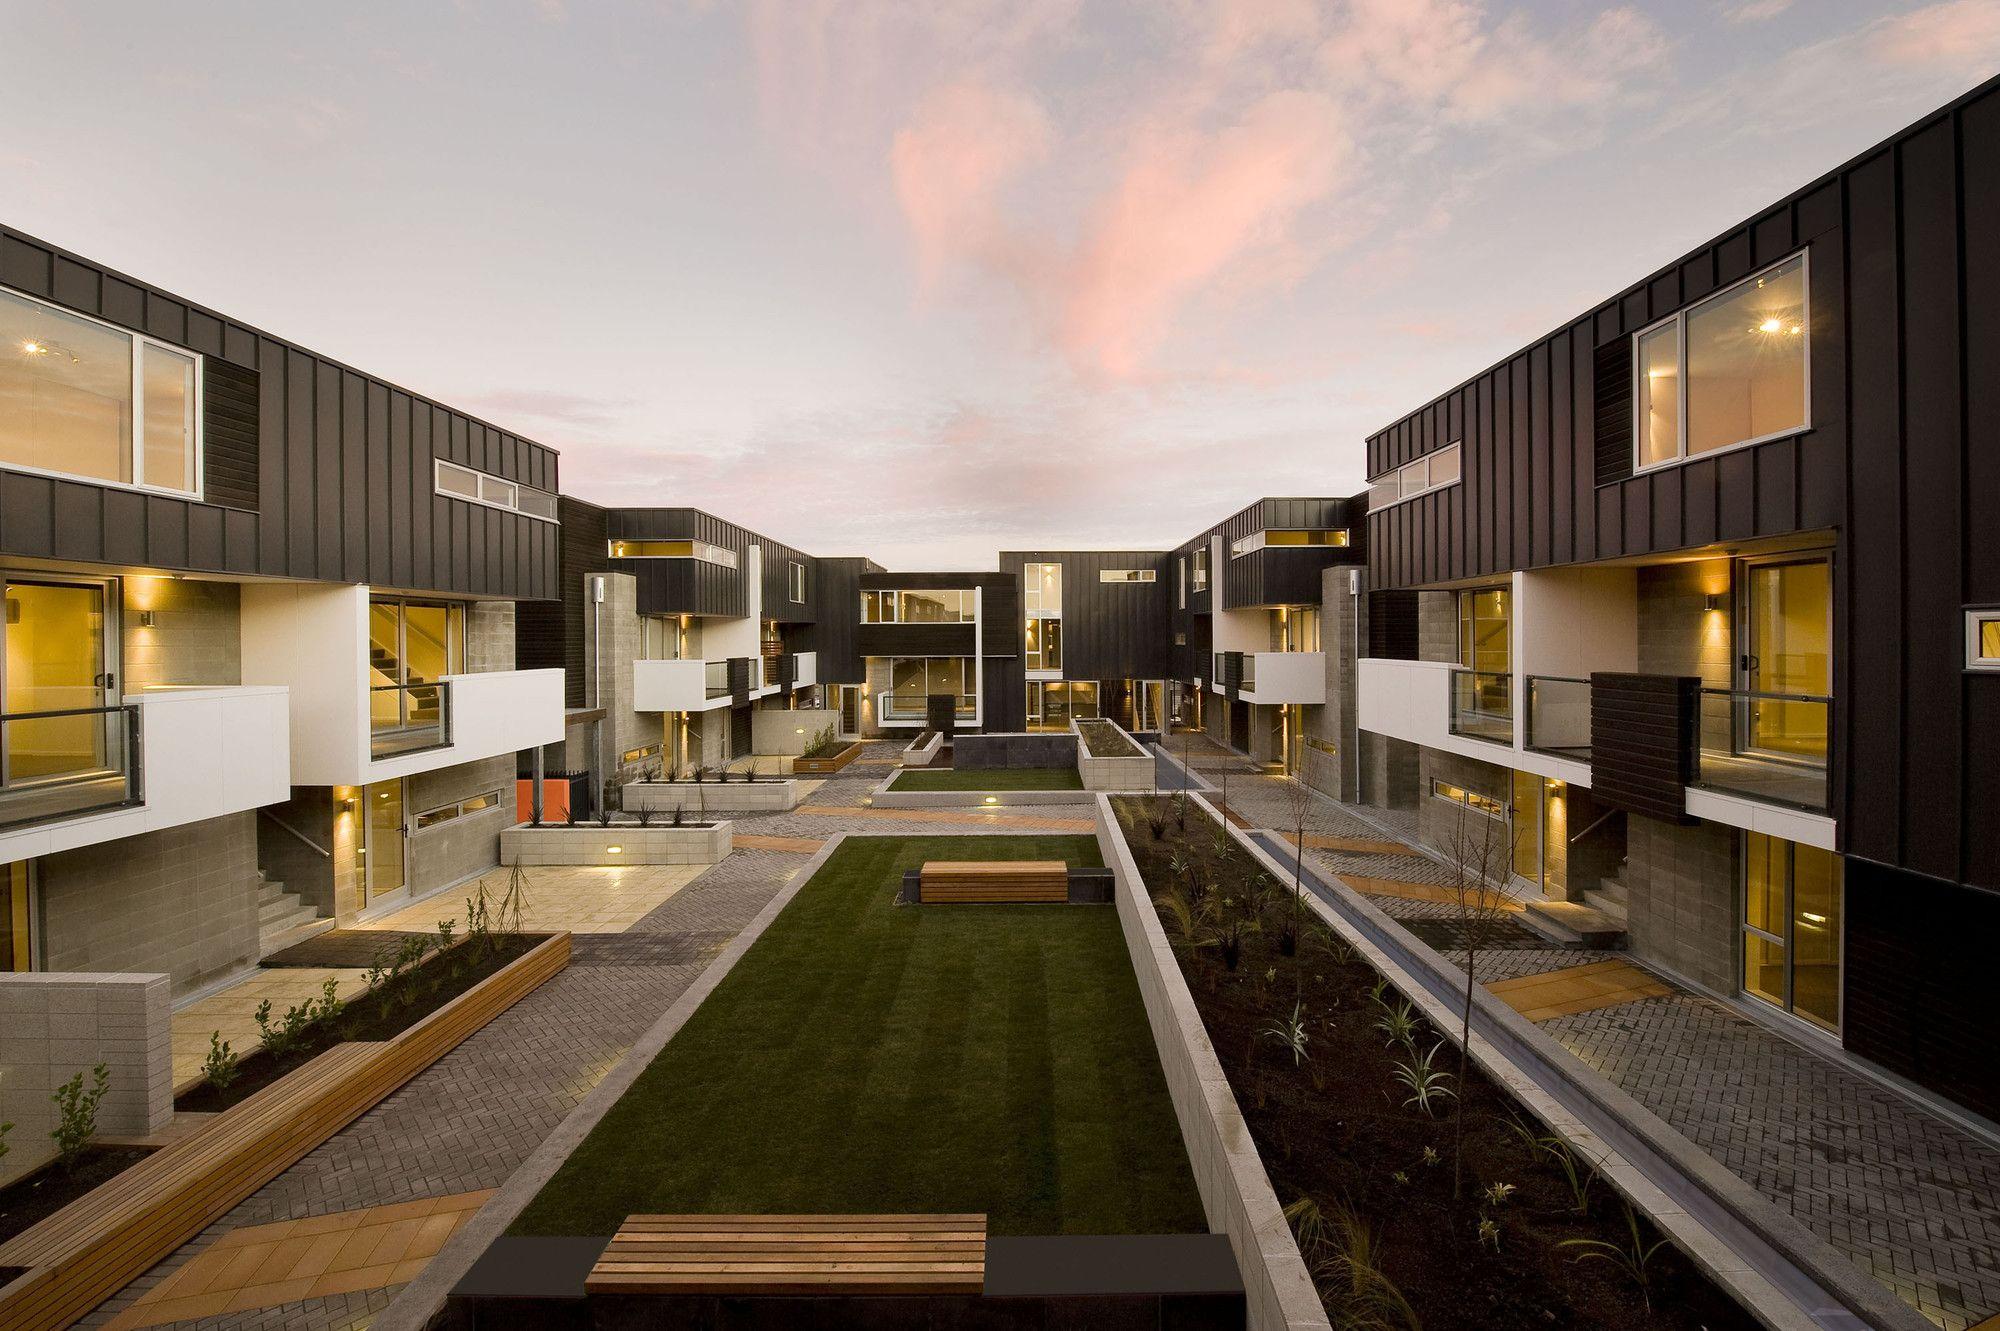 Construido por Cymon Allfrey Architects en Christchurch, New Zealand con fecha 2008. Imagenes por Stephen Goodenough. La idea era crear un complejo de departamentos de alta densidad, de baja altura, que ofreciera un «nivel de acceso», ...